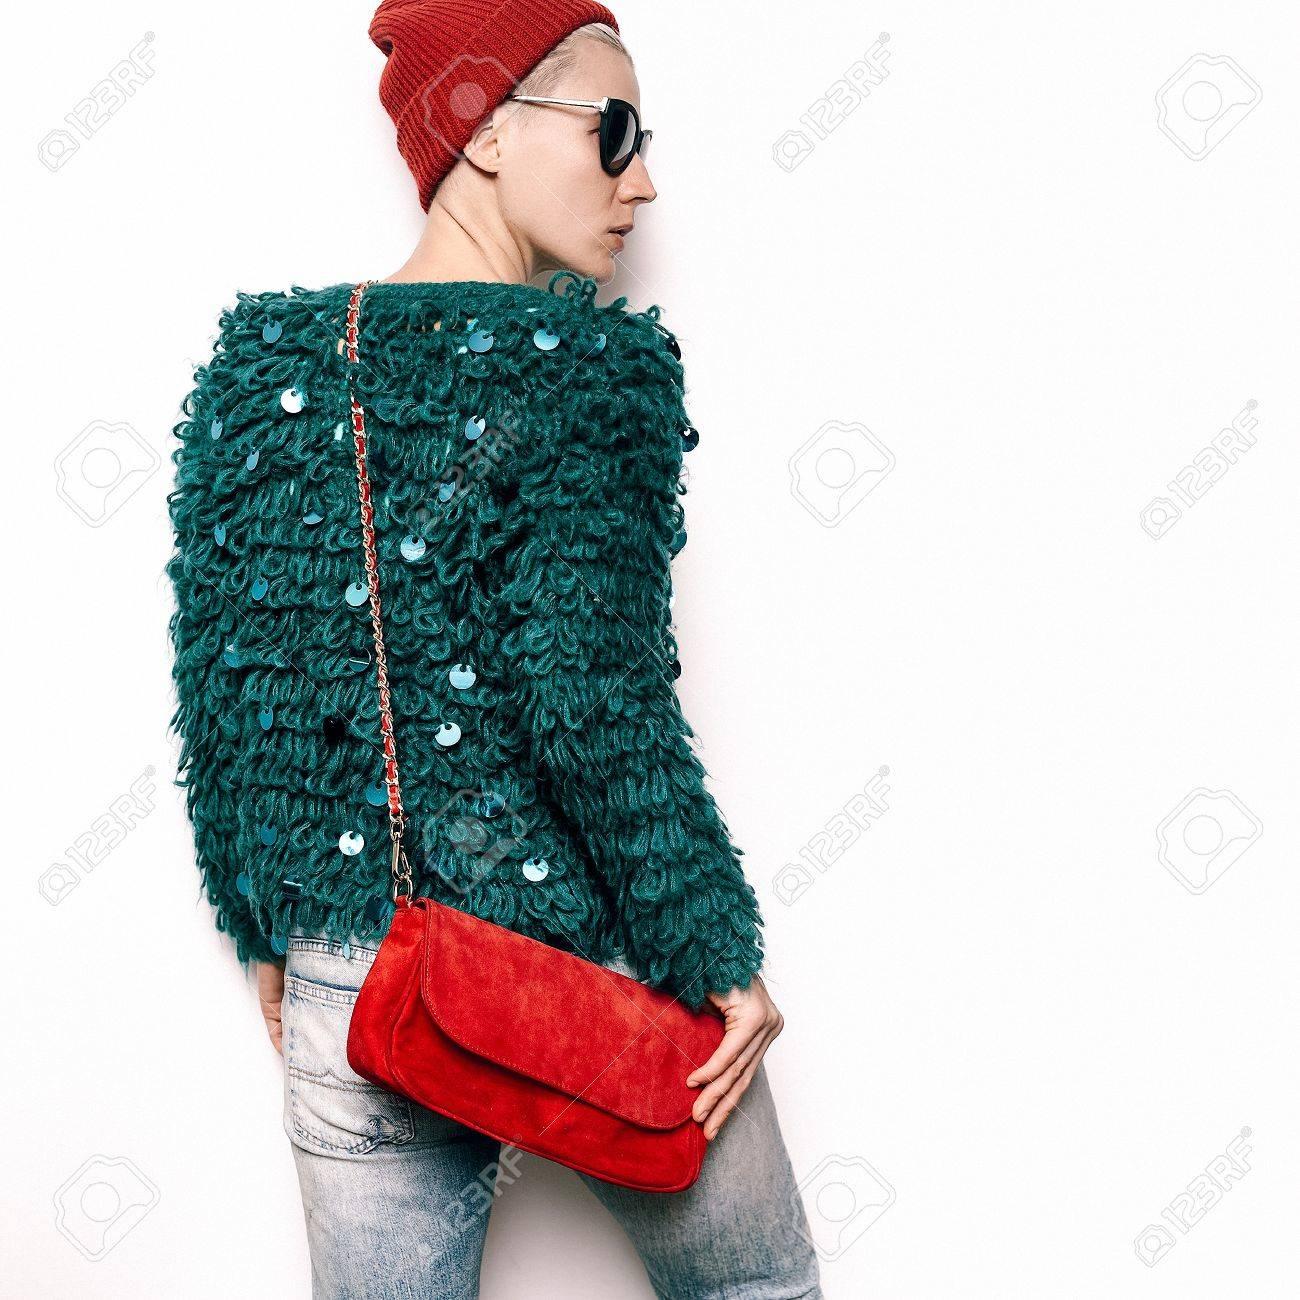 0220b26dd Foto de archivo - Hipster Model Swag Urbano Elegante. Equipamento de  Outono. Beanie Hat. Óculos de sol elegantes. Casaco de malha elegante.